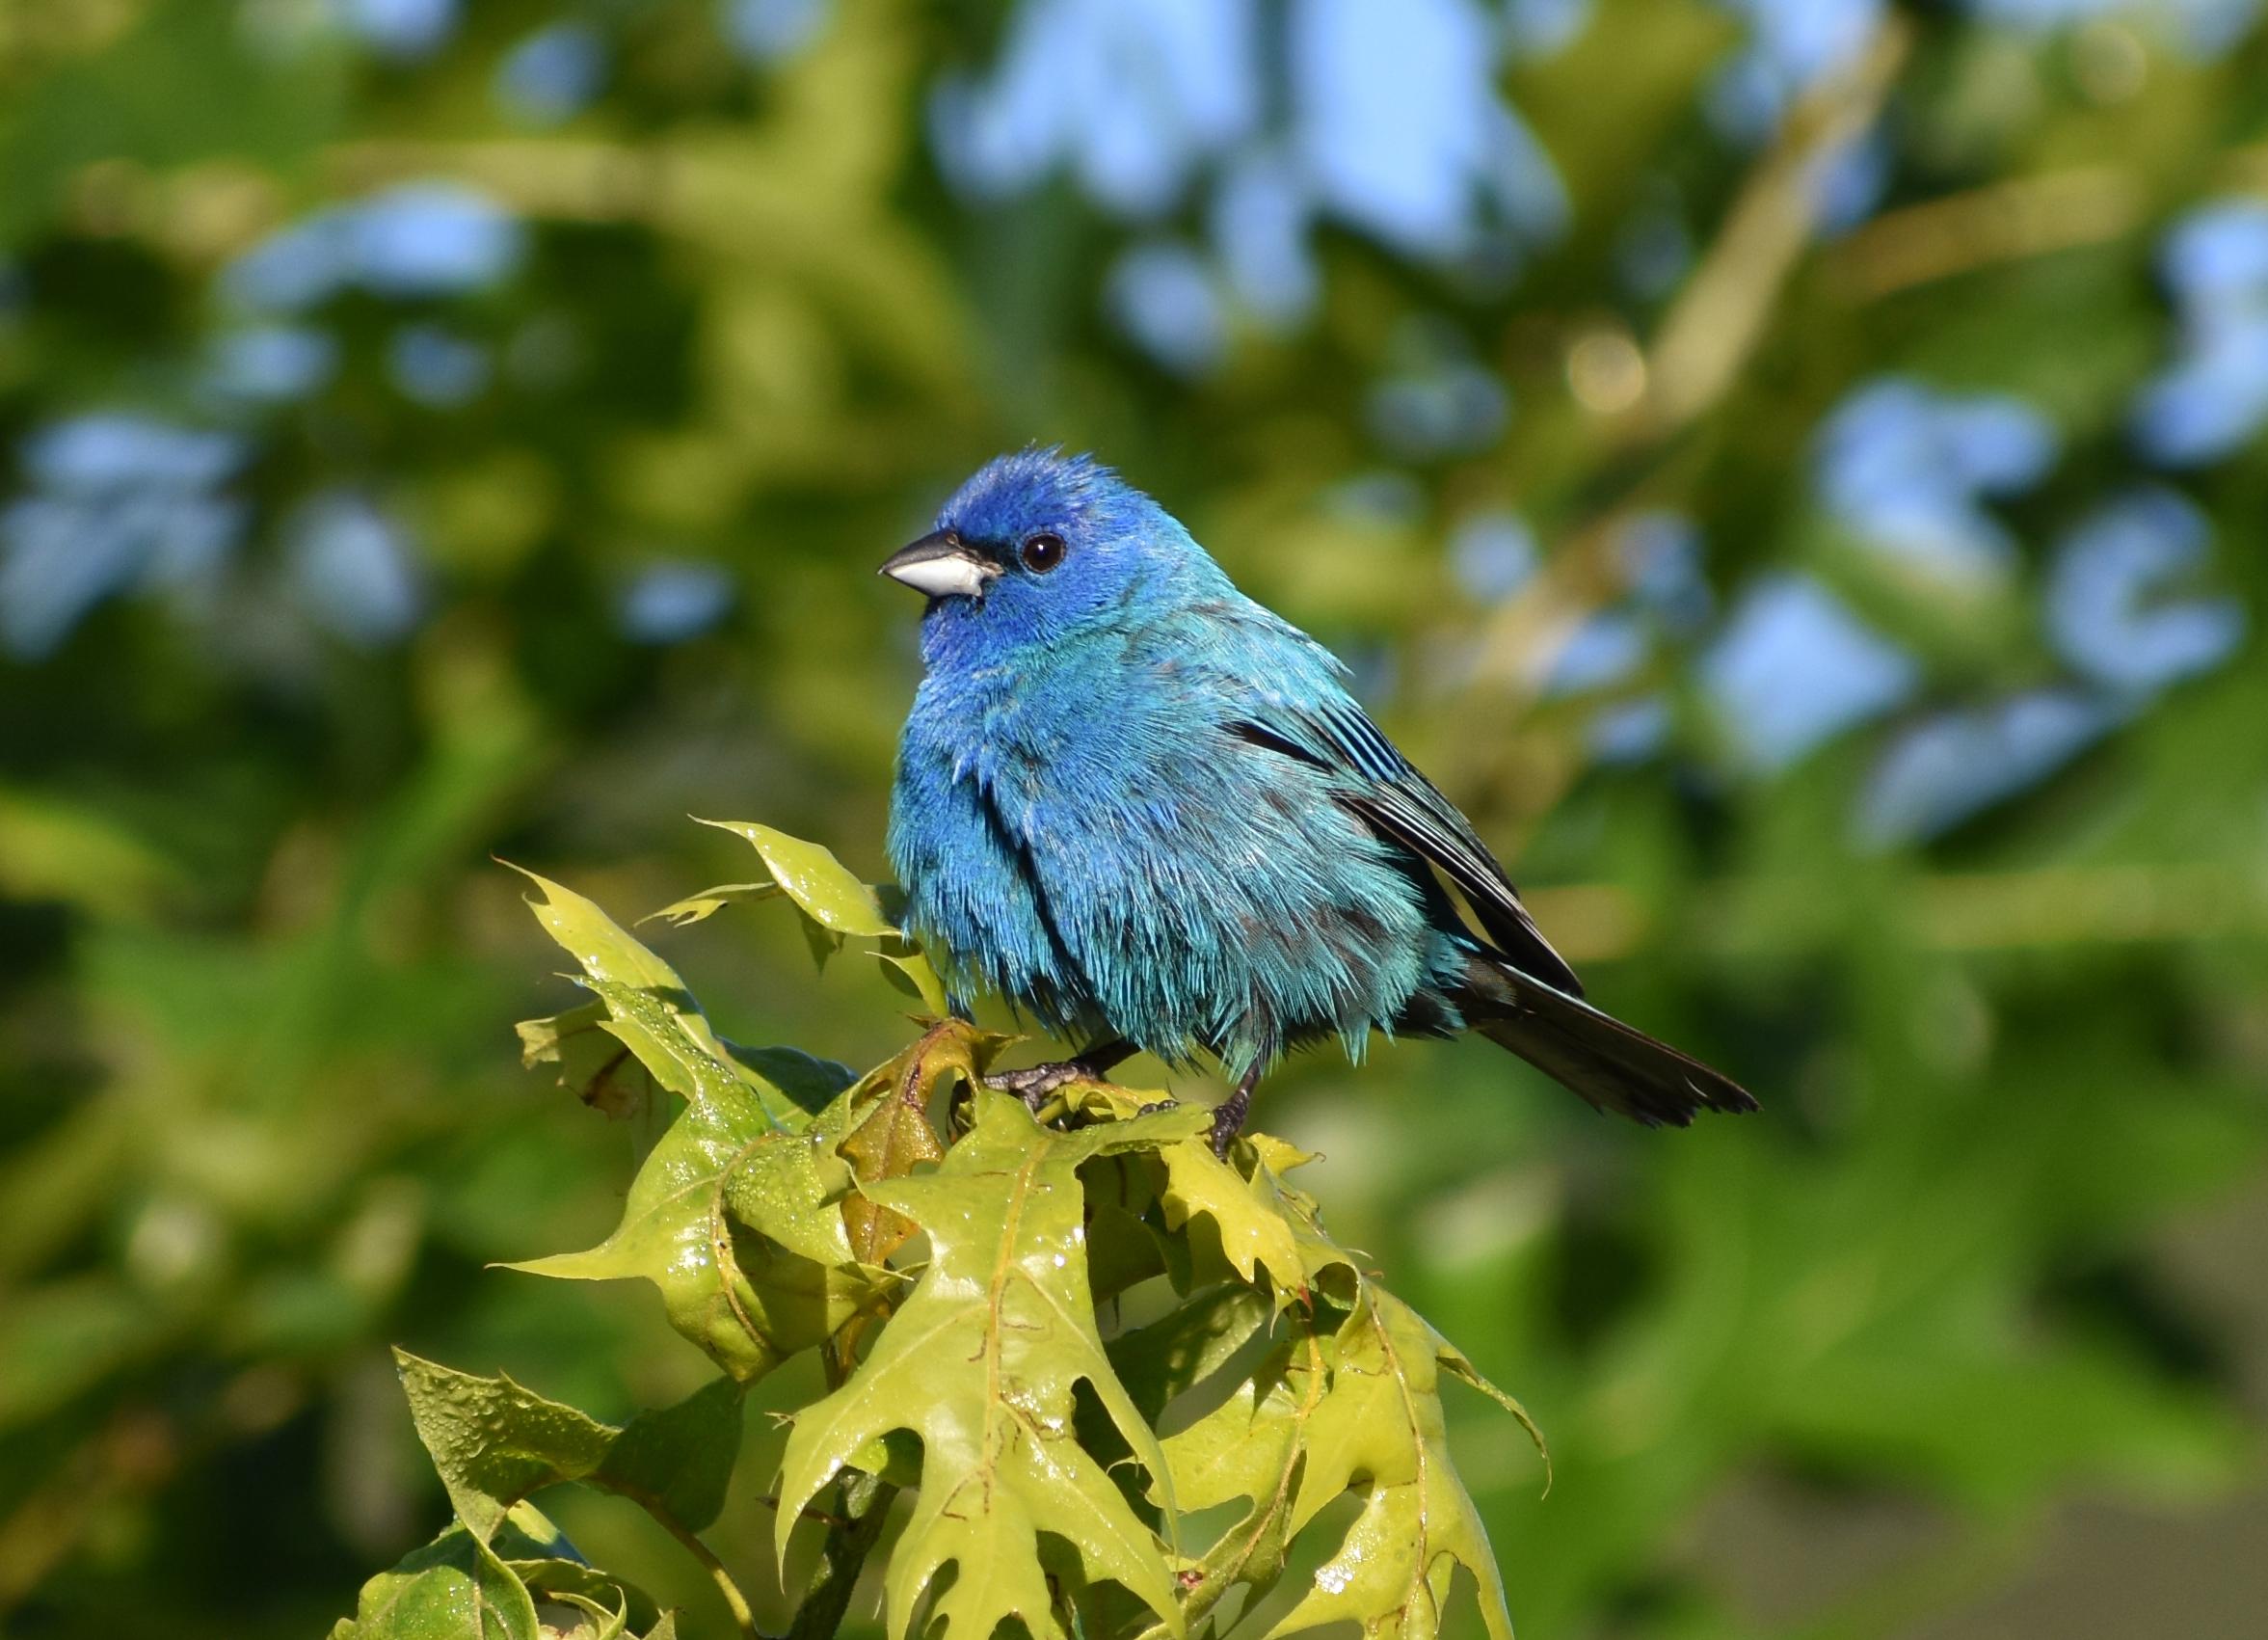 Bird Photography: Indigo Bunting